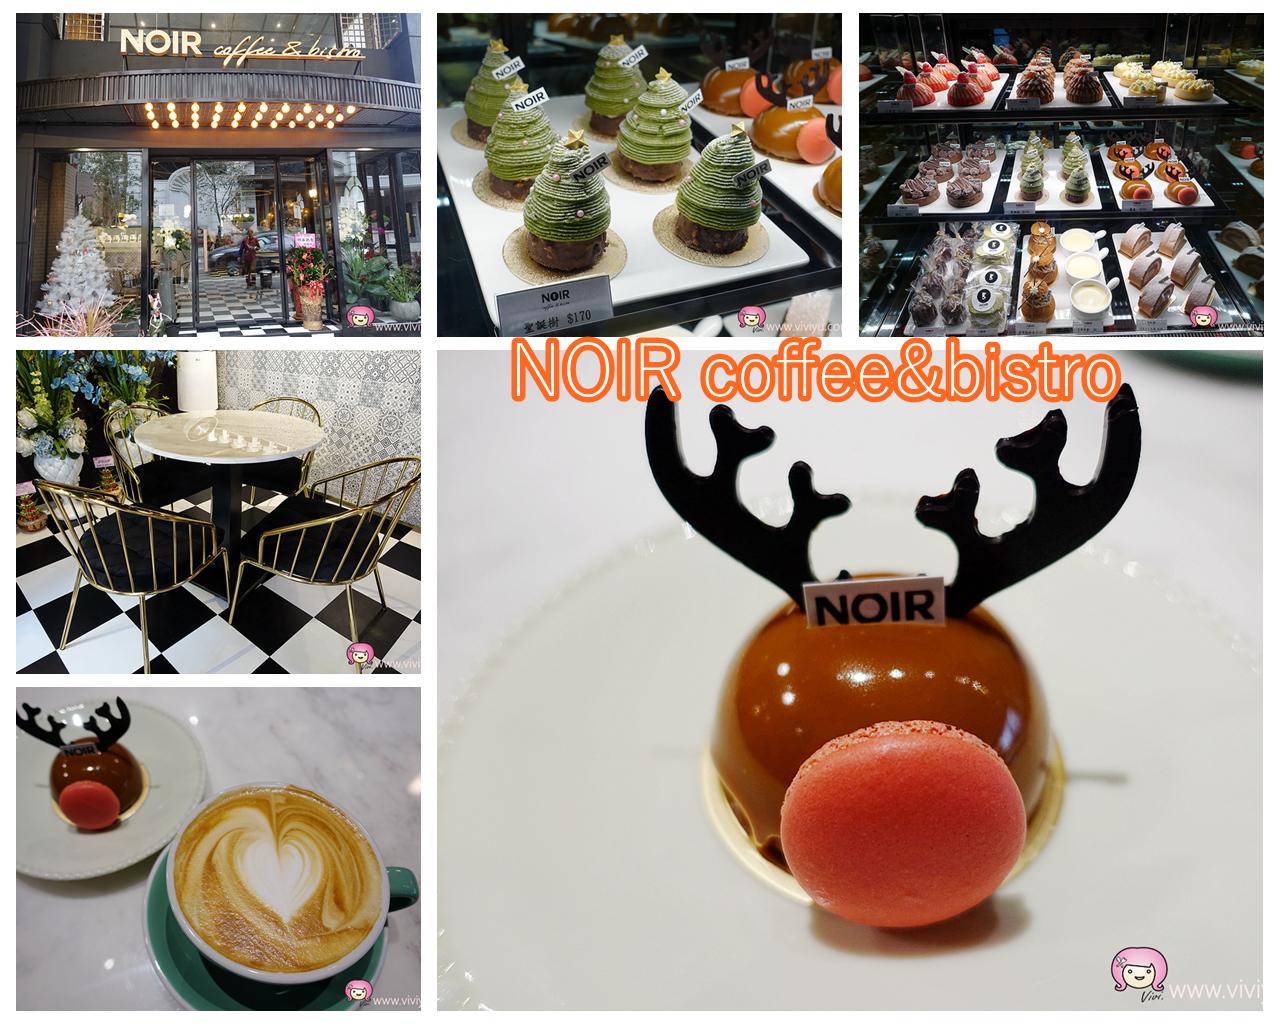 [桃園美食]NOIR coffee&bistro.店家自製甜點~紐約摩登風格好拍照.耶誕節限定蛋糕